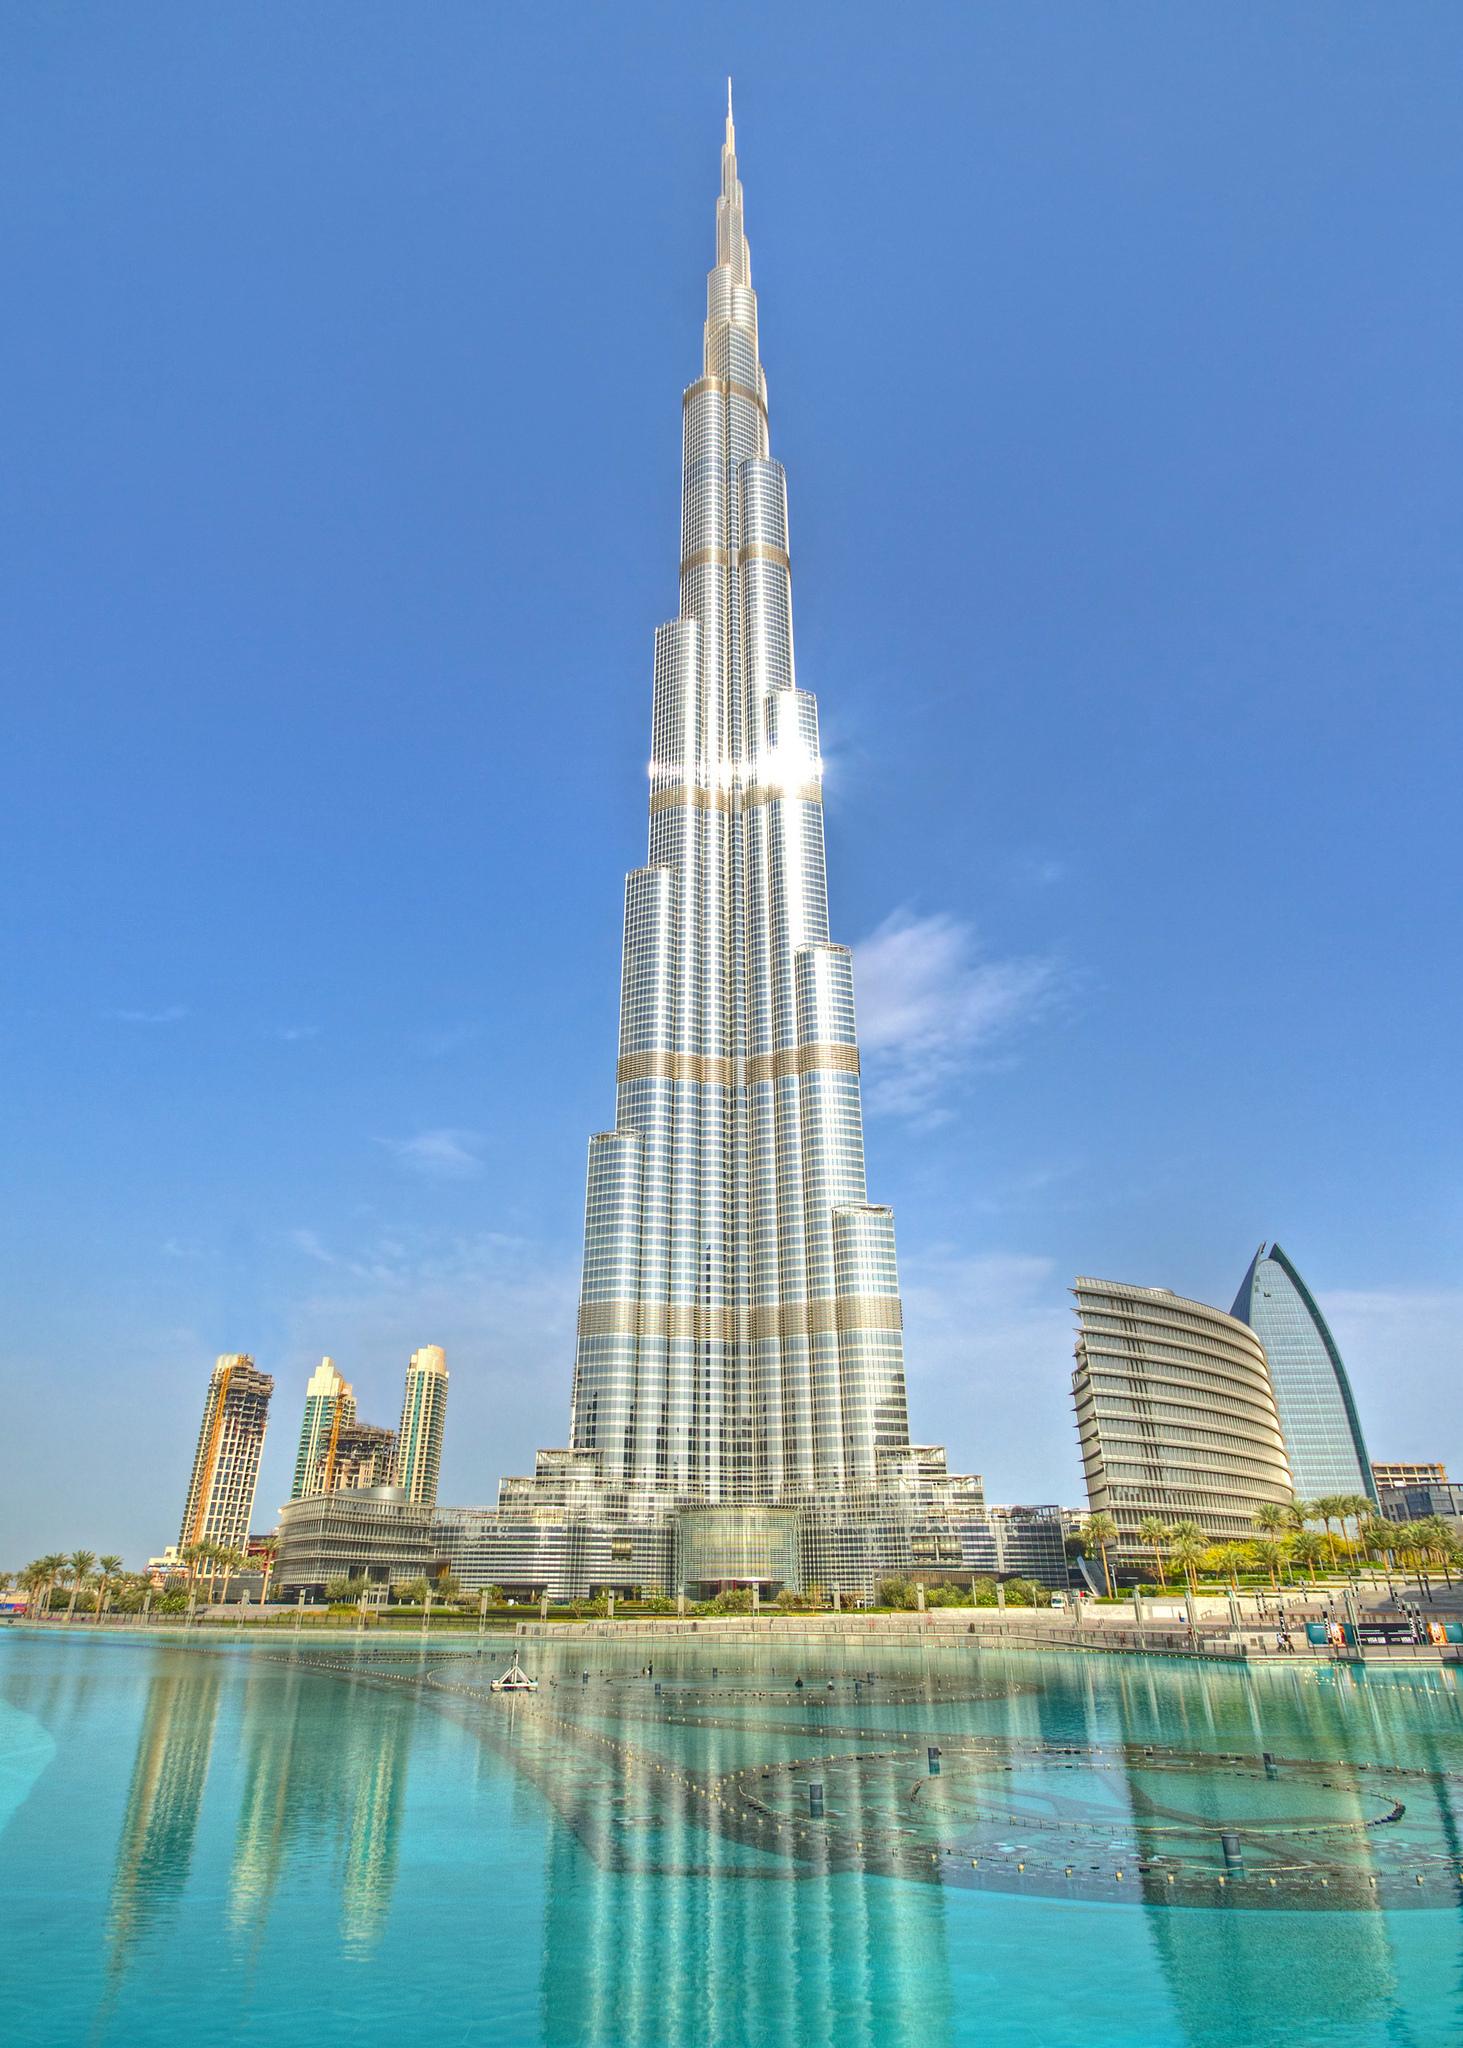 Burj_Khalifa,_2012